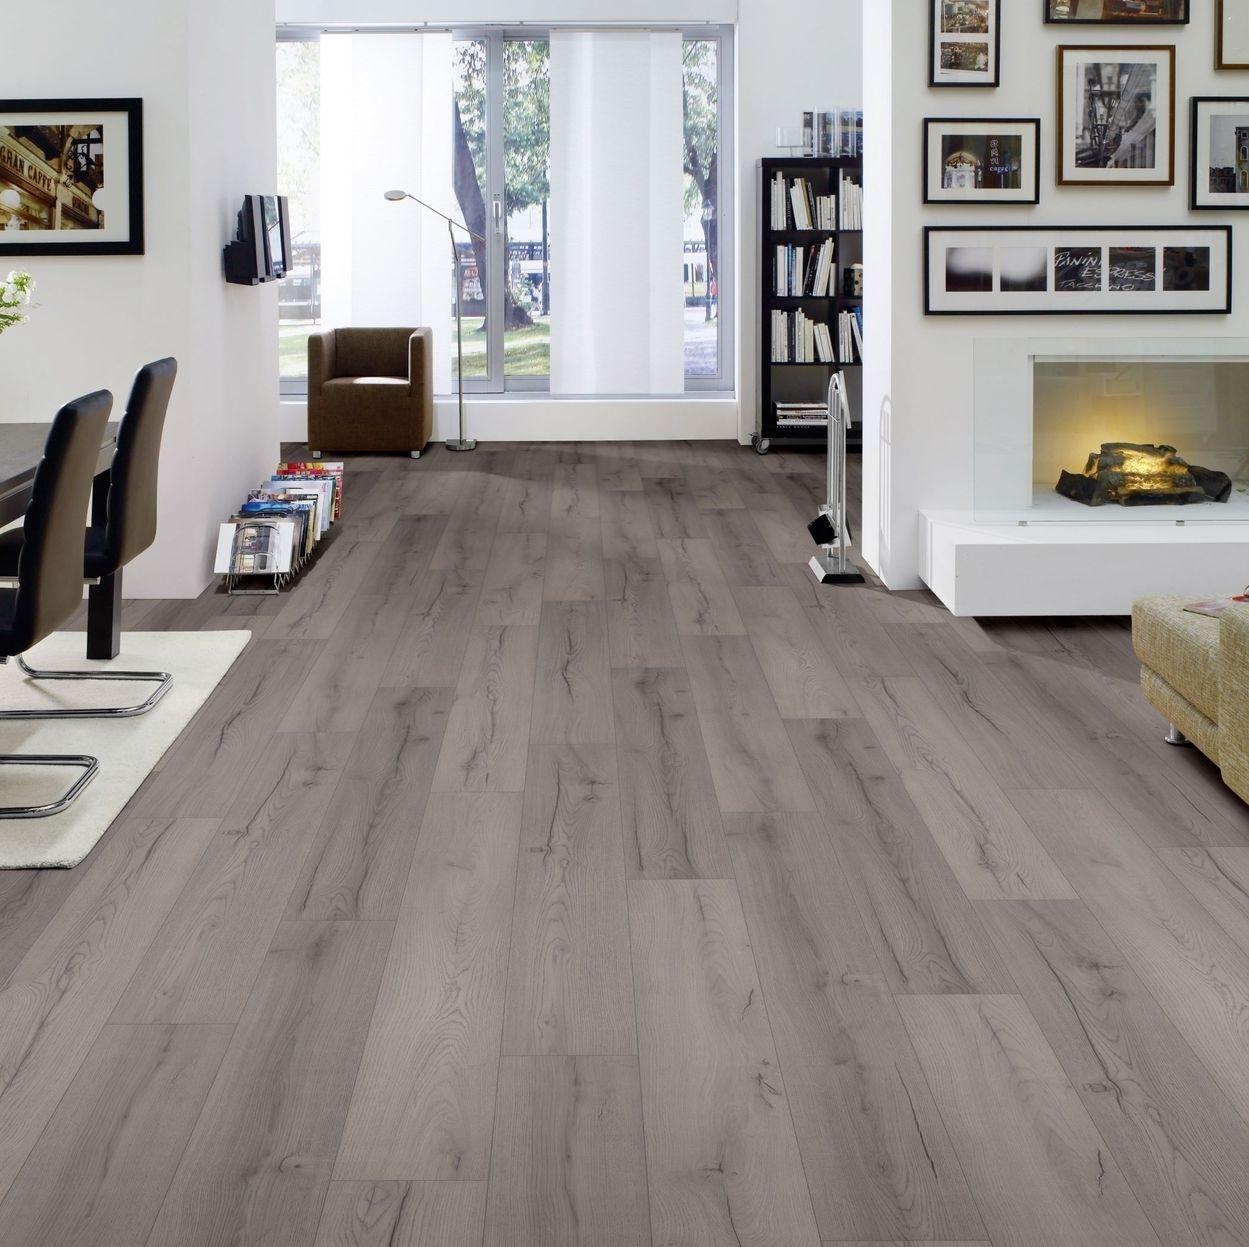 hori klick laminat ambiente eiche country mit fase landhausdiele d mmung leisten ebay. Black Bedroom Furniture Sets. Home Design Ideas